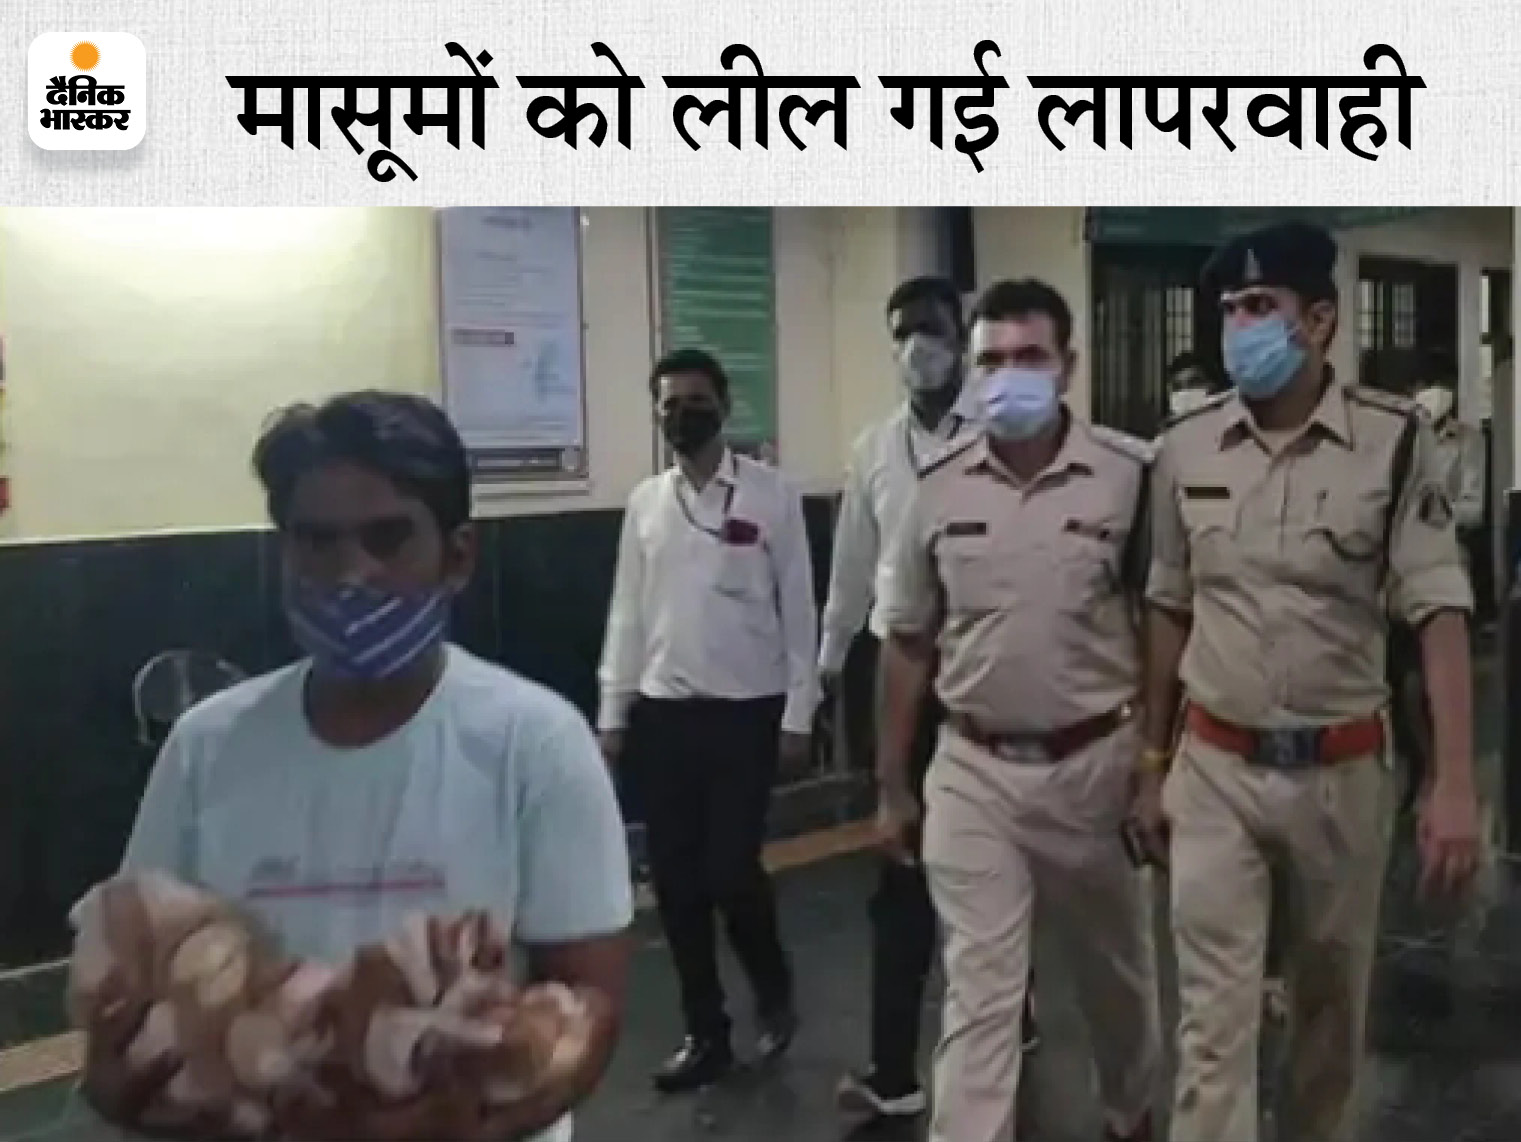 अस्पताल में मौजूद लोगों ने कहा- 24 घंटे में हमने 6-7 शवों को यहां से ले जाते देखा; जिला अस्पताल प्रबंधन बोला- सिर्फ 2 मौतें हुई वह भी नेचुरल|रायपुर,Raipur - Dainik Bhaskar